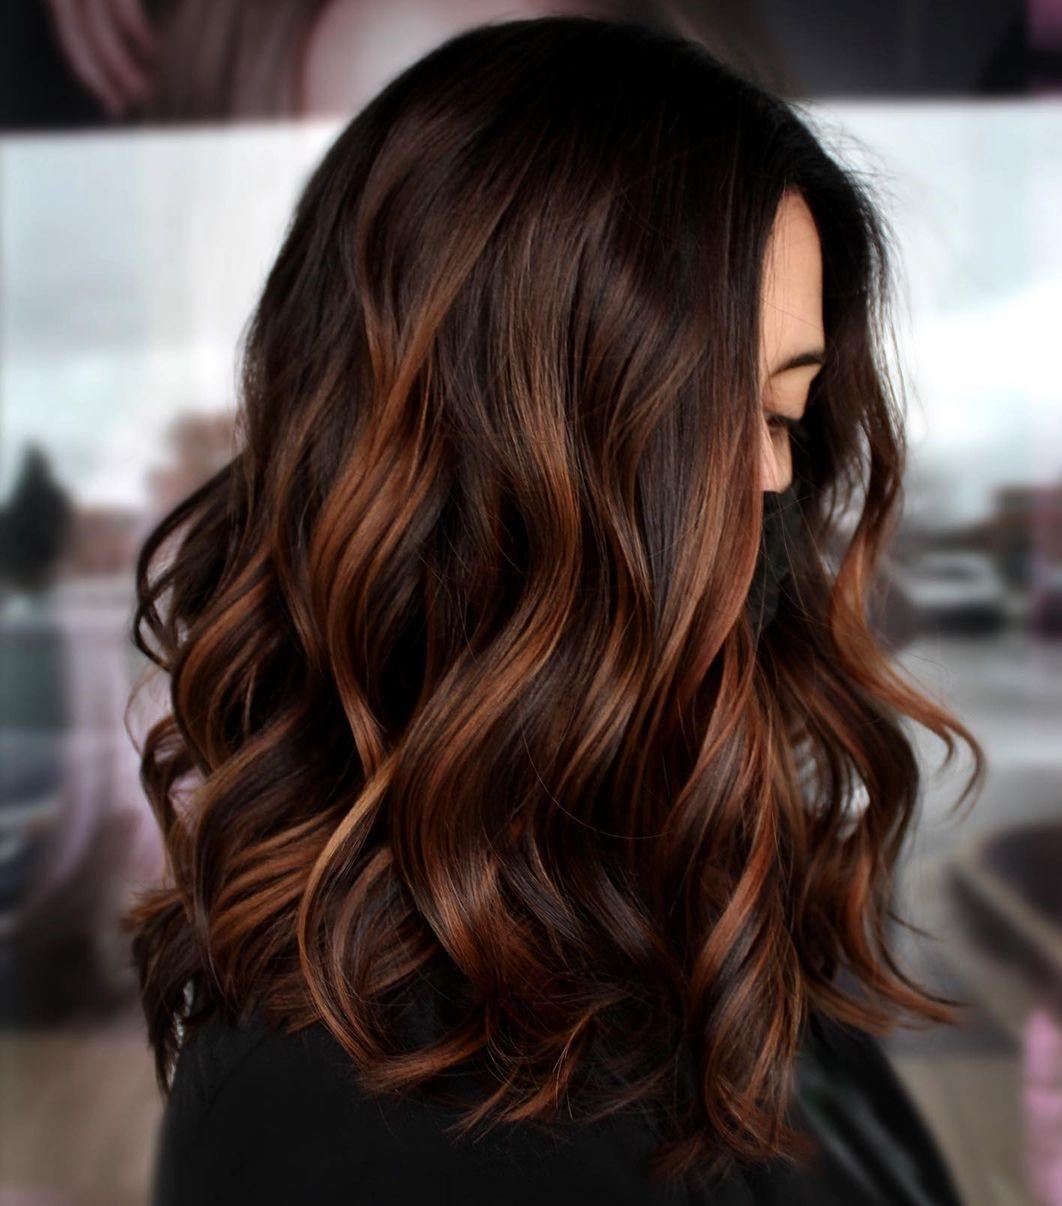 Hair Color Ideas for Brunette Hair